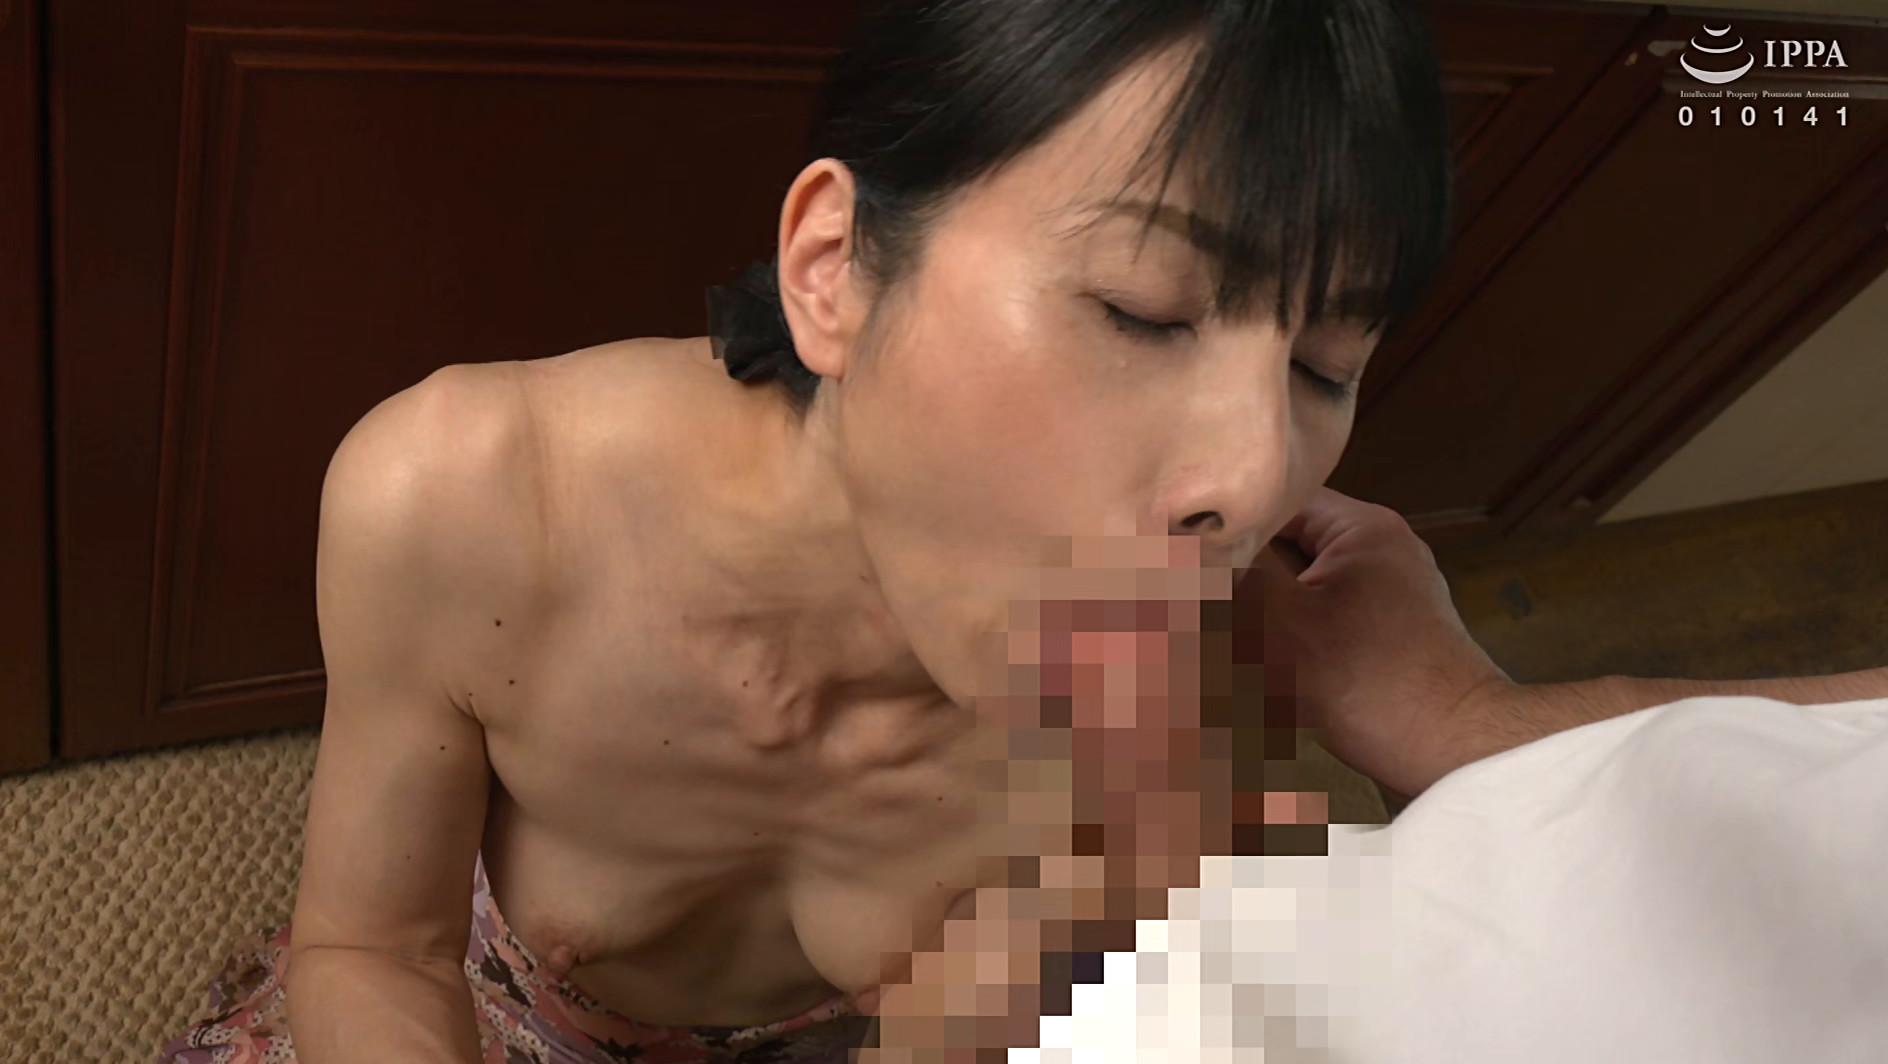 絶対にしてはいけない筆下ろし性交 孫に欲情した五十路祖母 鶴川牧子 五十三歳,のサンプル画像15